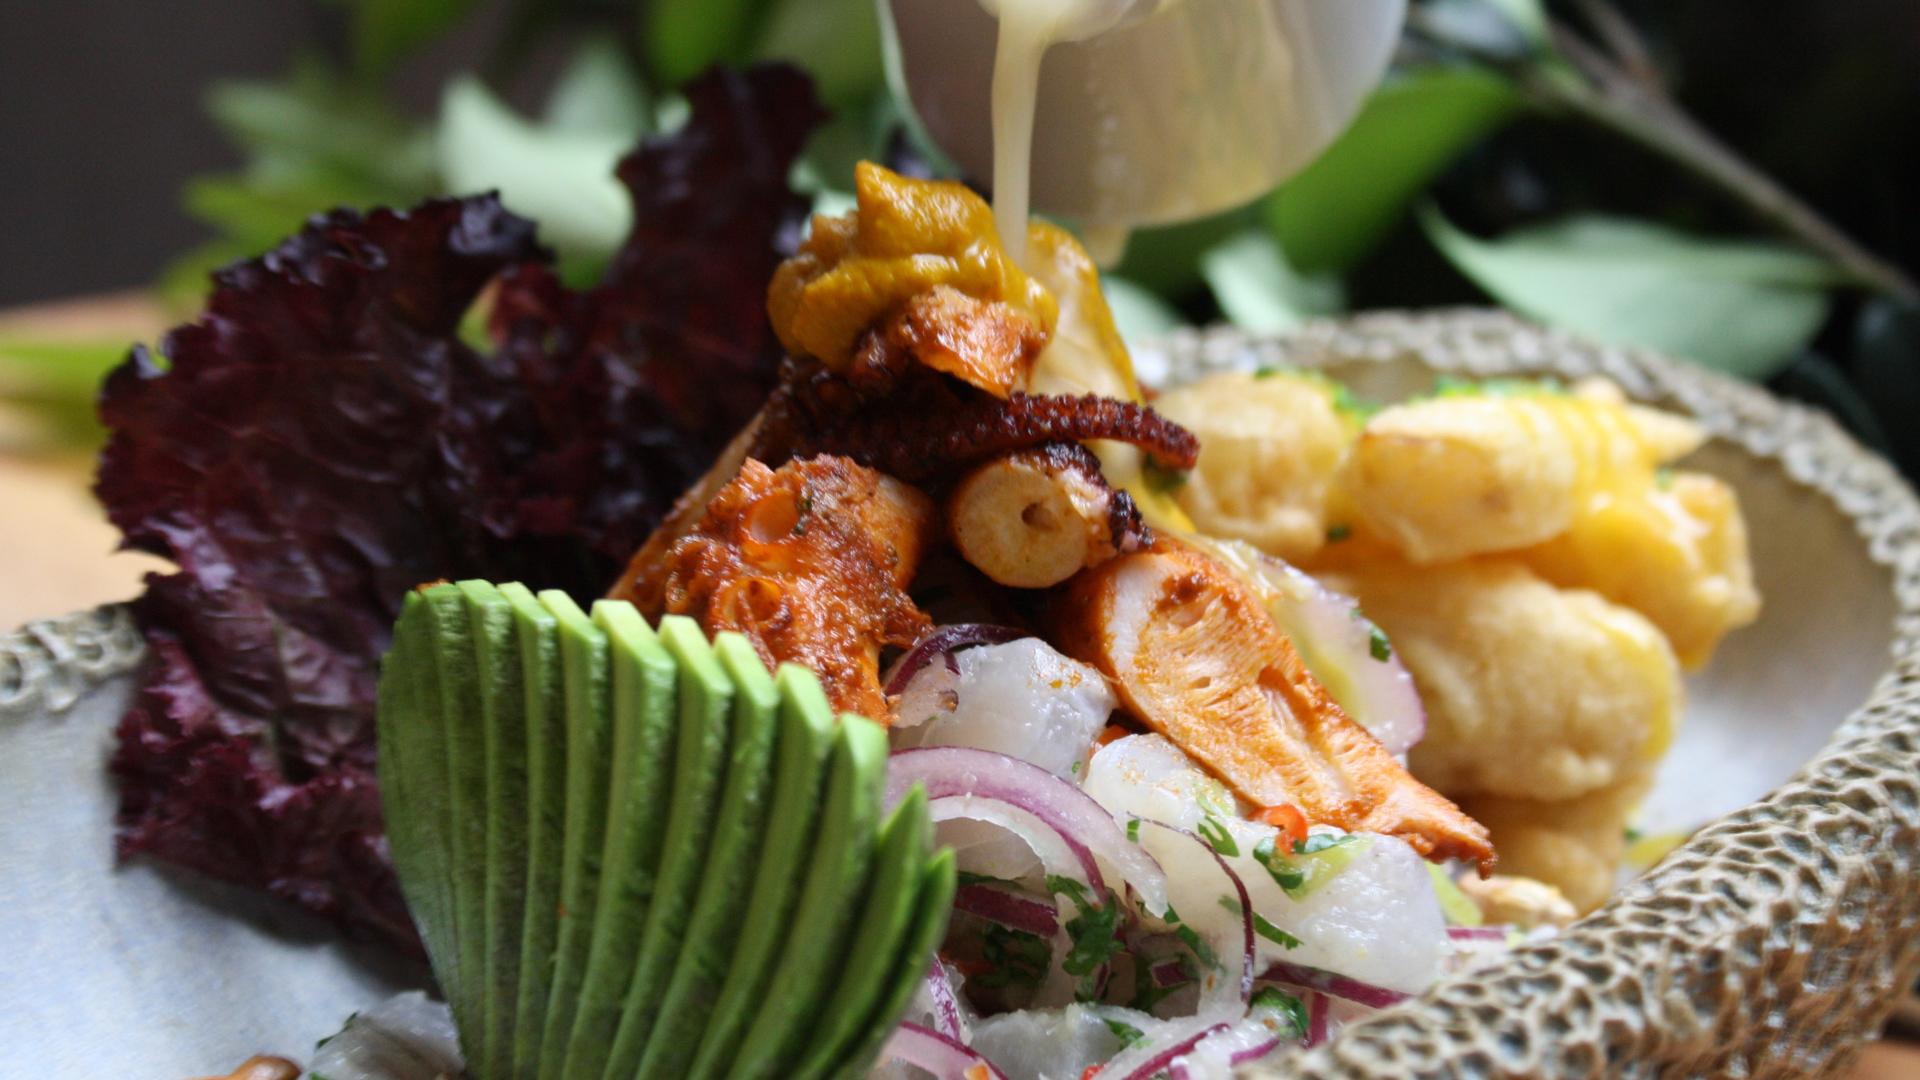 Ceviche, una de las comidas típicas que llegó a Argentina y es una de las más consumidas por los fanáticos de la cocina peruana